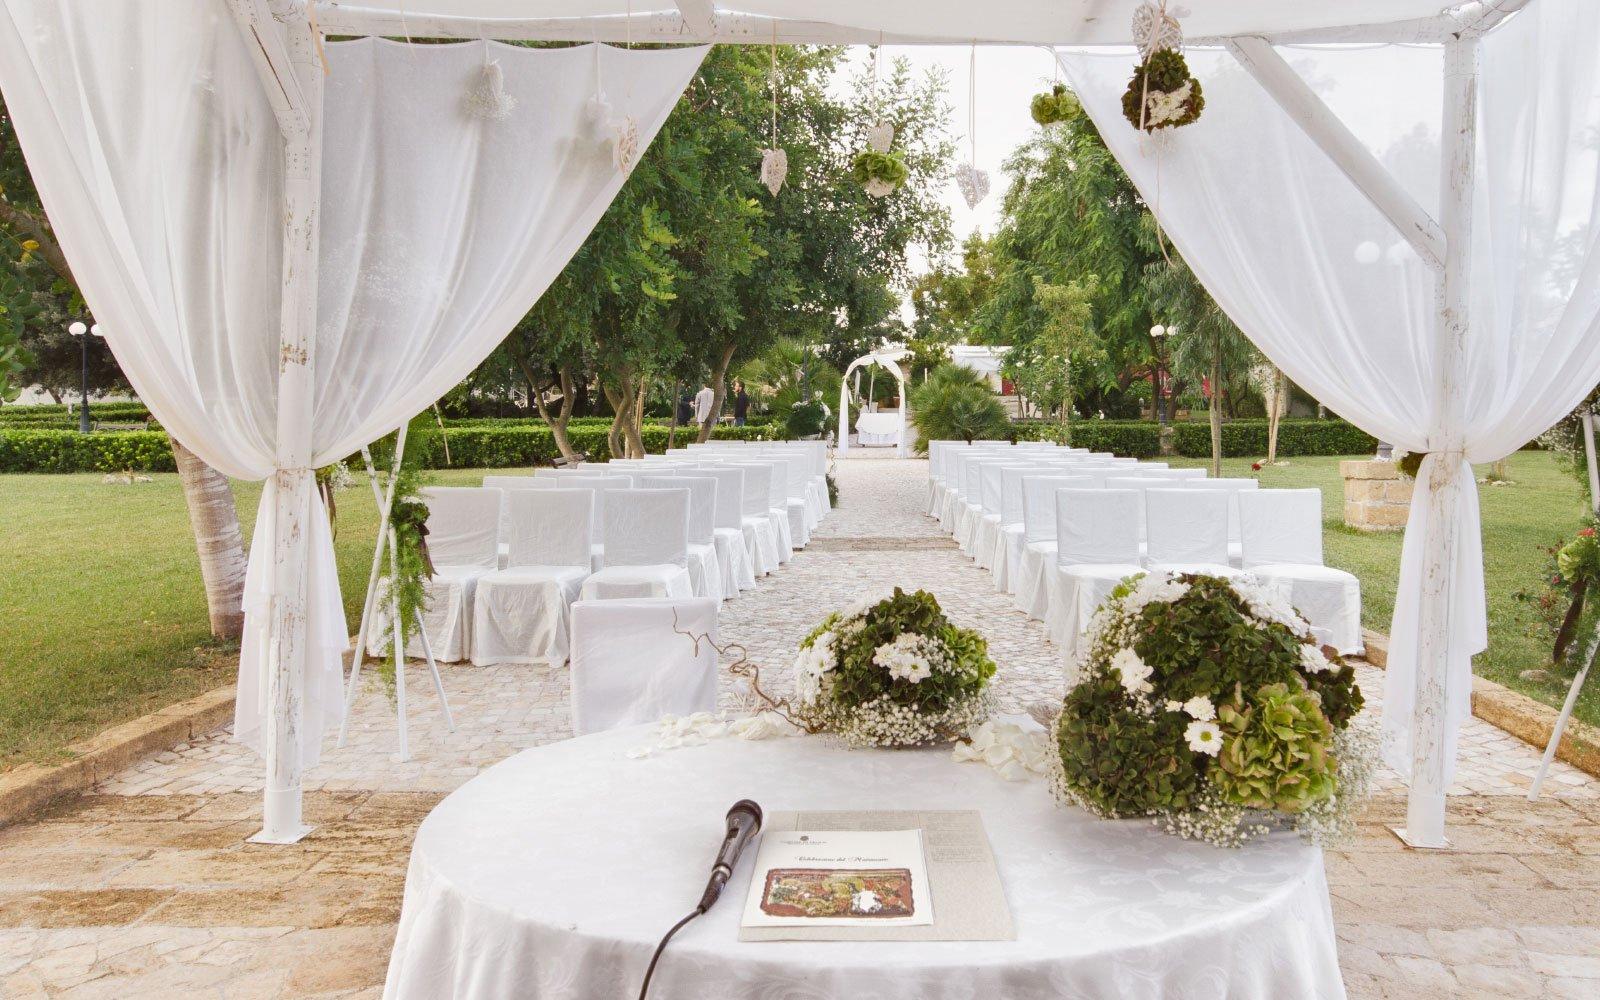 Auguri Matrimonio Rito Civile : Matrimonio con rito civile nel suggestivo parco di tenuta